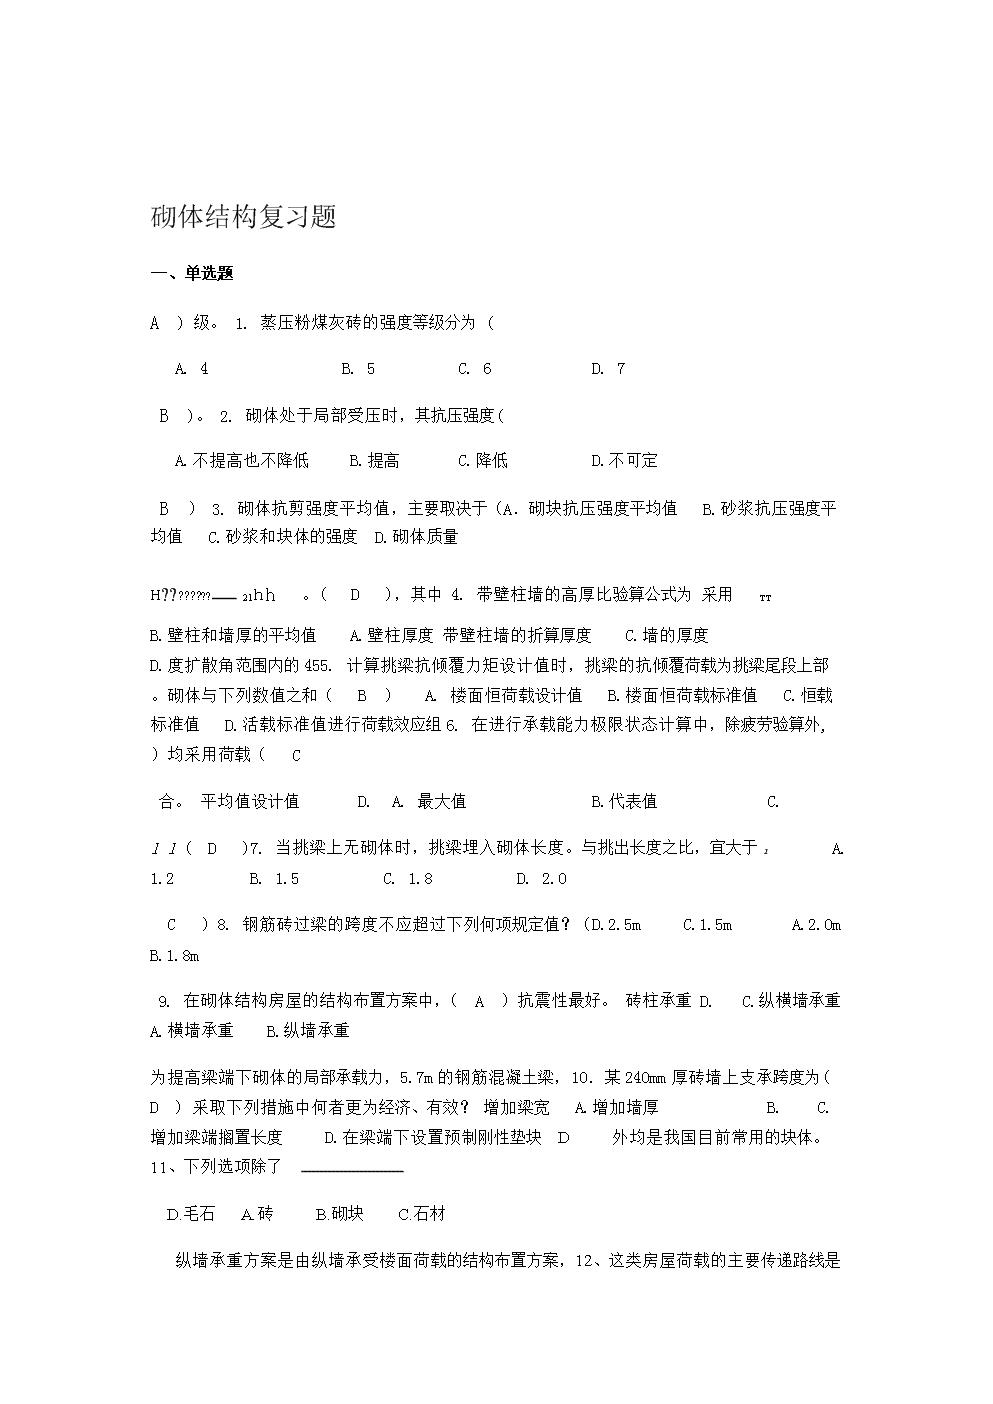 砌体复习题学习资料.doc